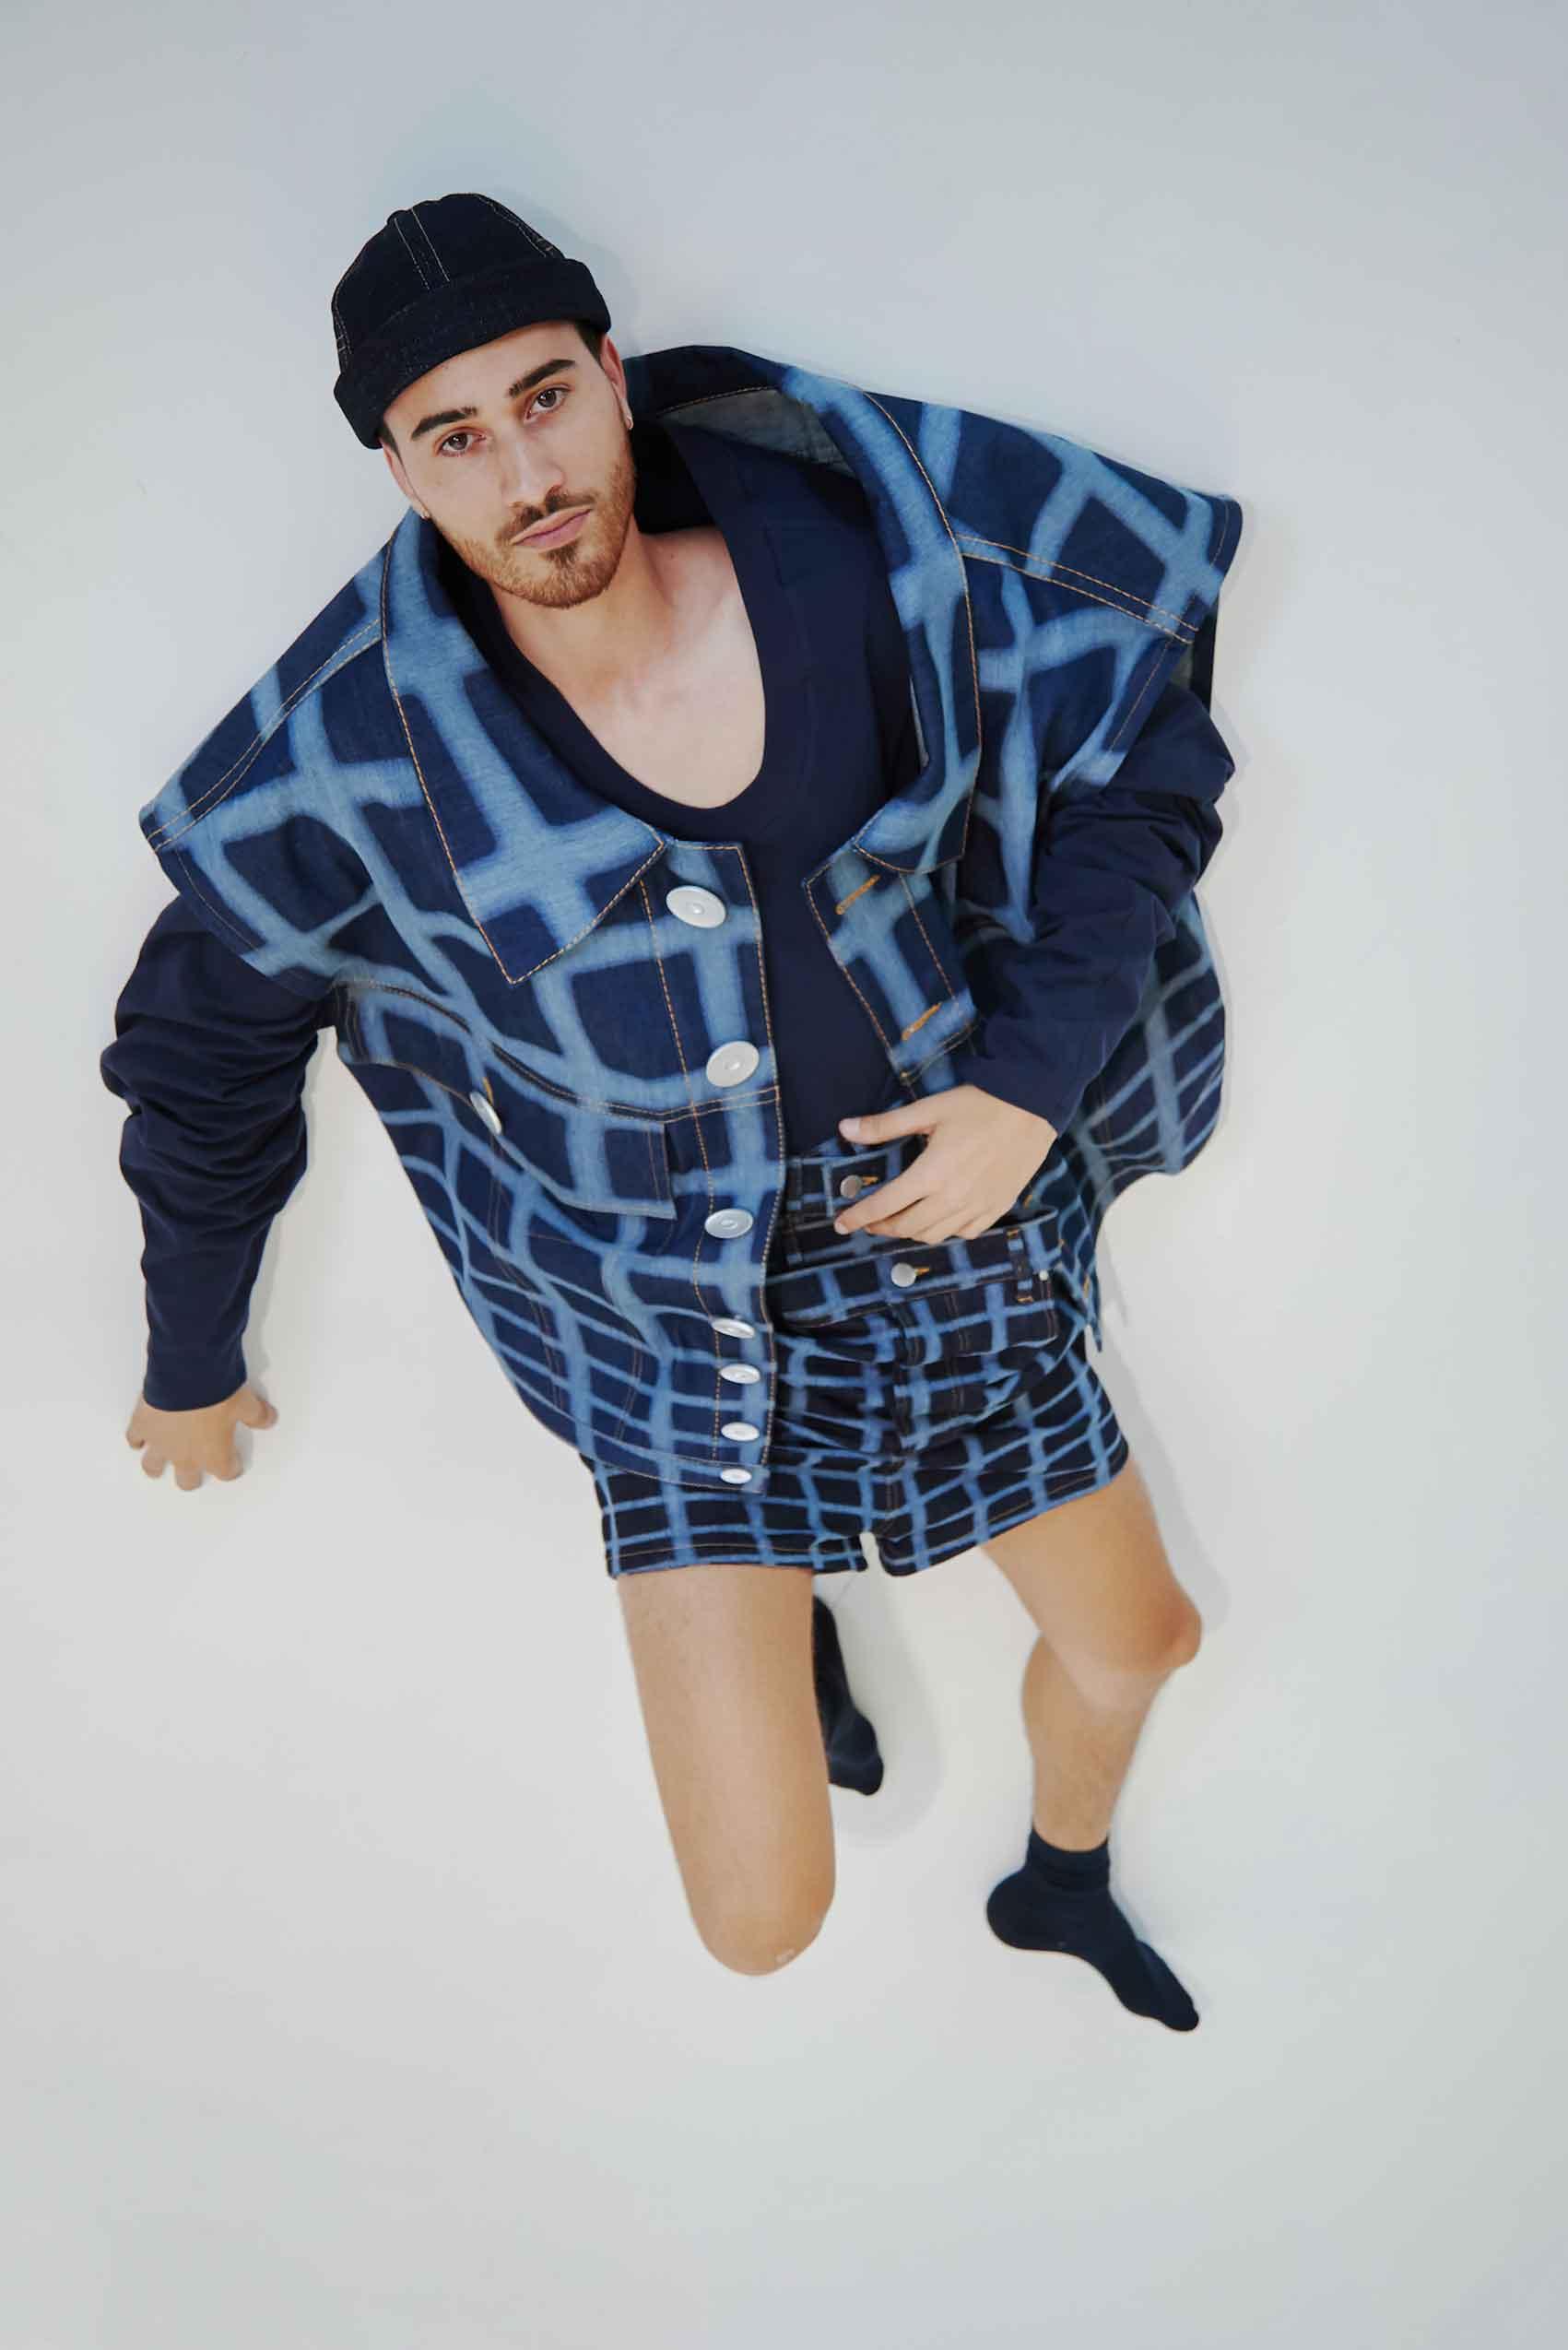 נועה-ברוך-הזוכה-במקום-הראשון-בתחרות-דיזל-הבינלאומית-חדשות_האופנה